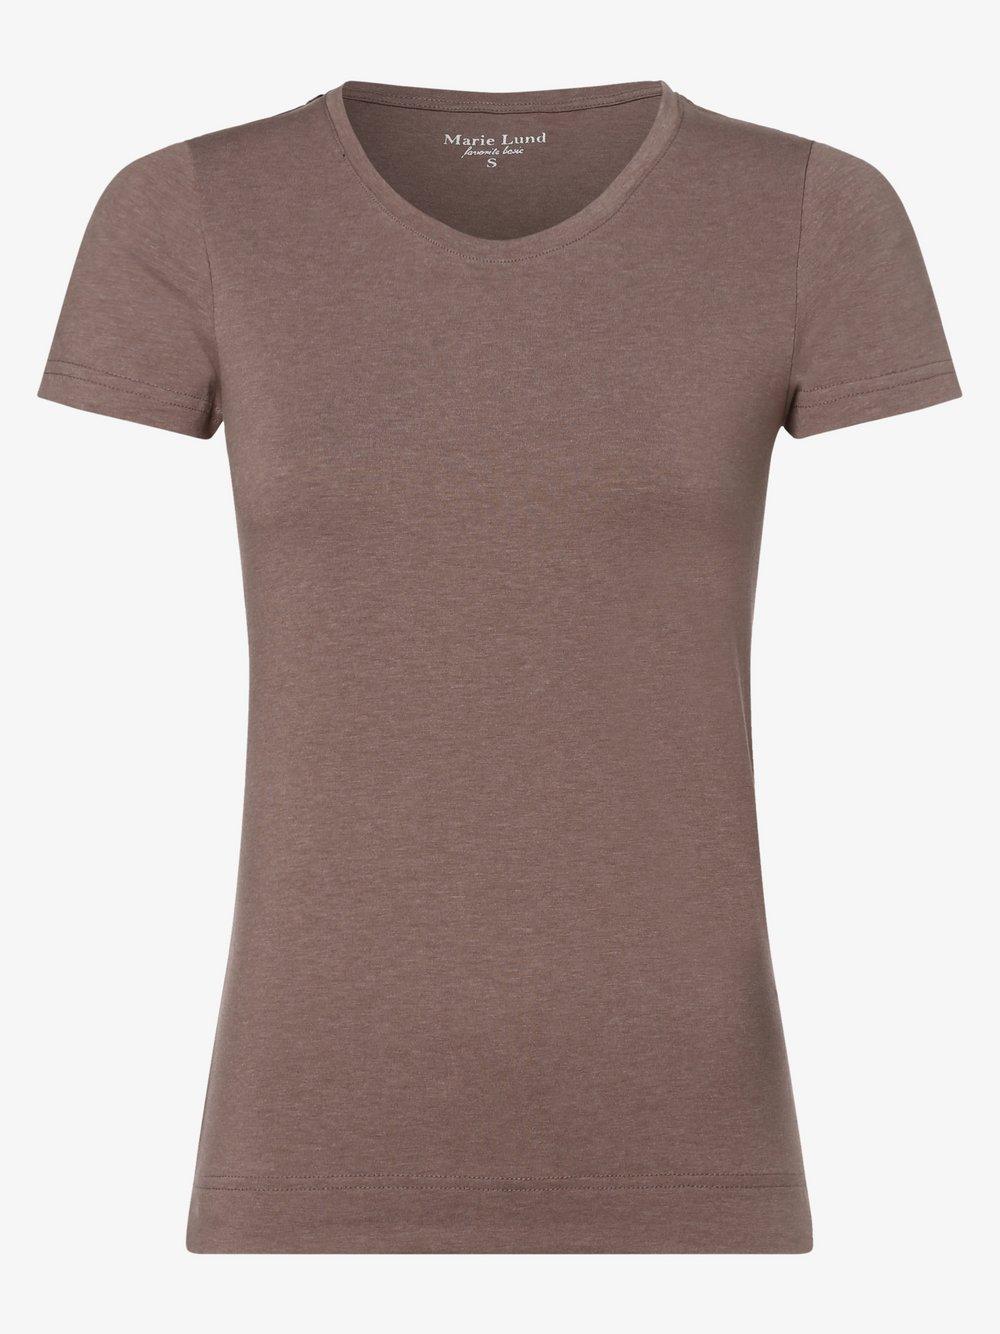 Marie Lund - T-shirt damski, beżowy